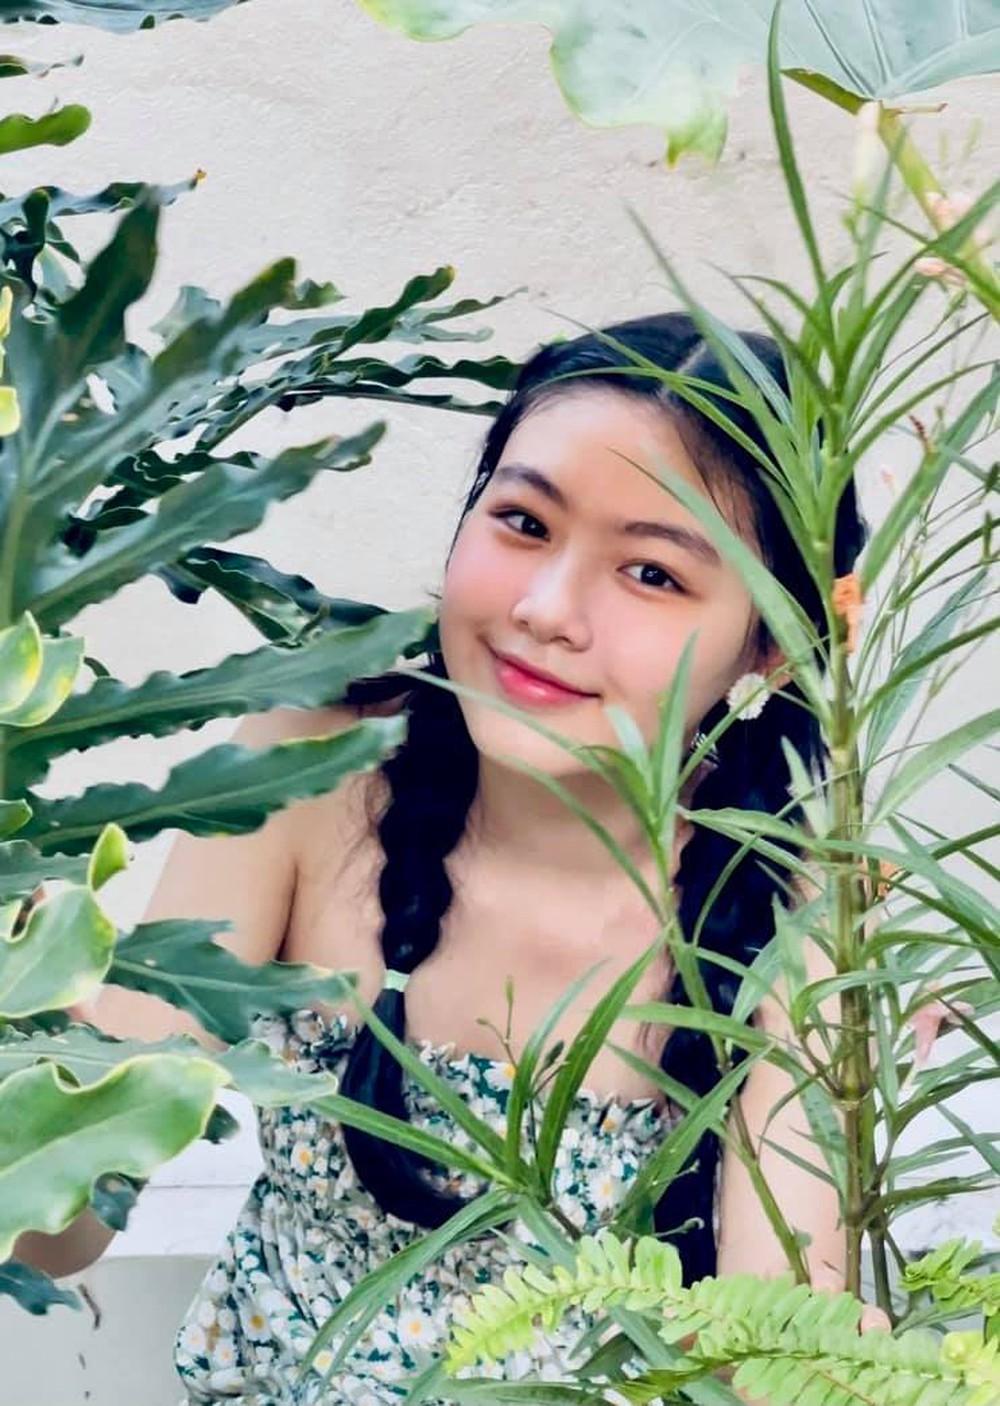 Ái nữ 16 tuổi nhà Quyền Linh tiếp tục gây chú ý với gương mặt thuần khiết, xinh đẹp - Ảnh 2.